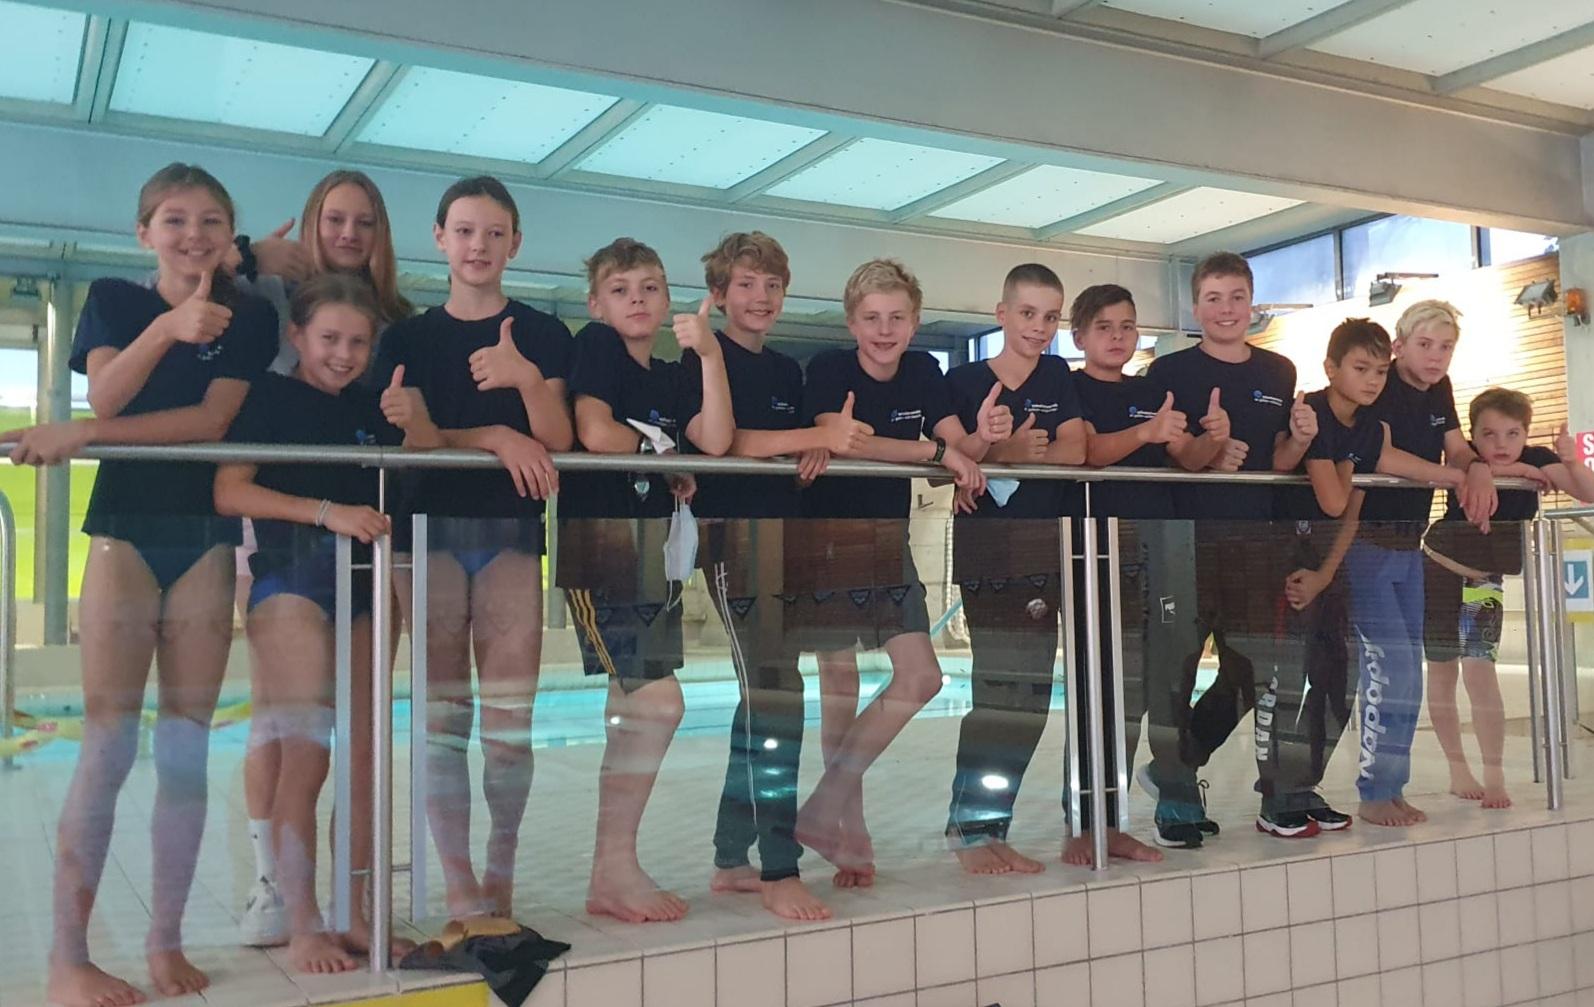 Schwimmen: Hallennachwuchswettkampf in Frauenfeld 2. Oktober 2021